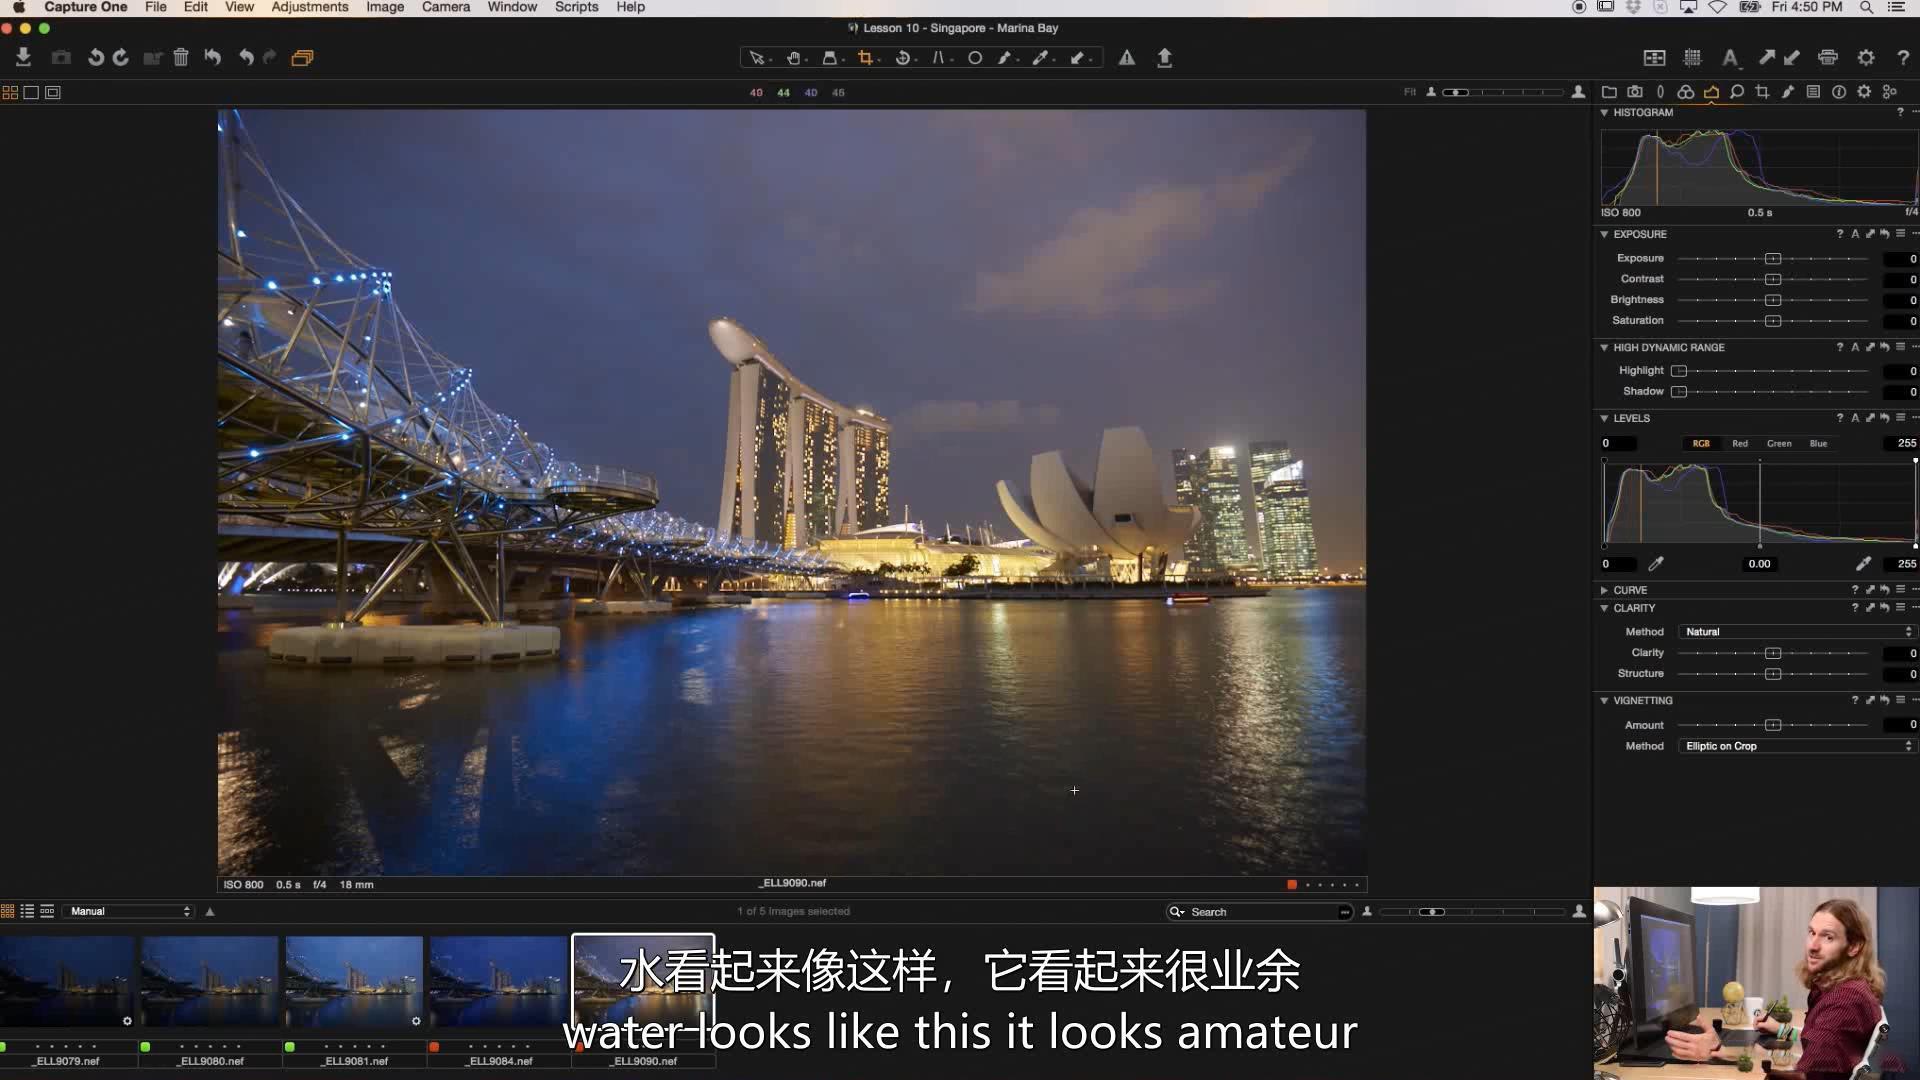 摄影教程_Fstoppers-Elia Locardi世界城市景观星轨风光摄影及后期-中英字幕 摄影教程 _预览图31